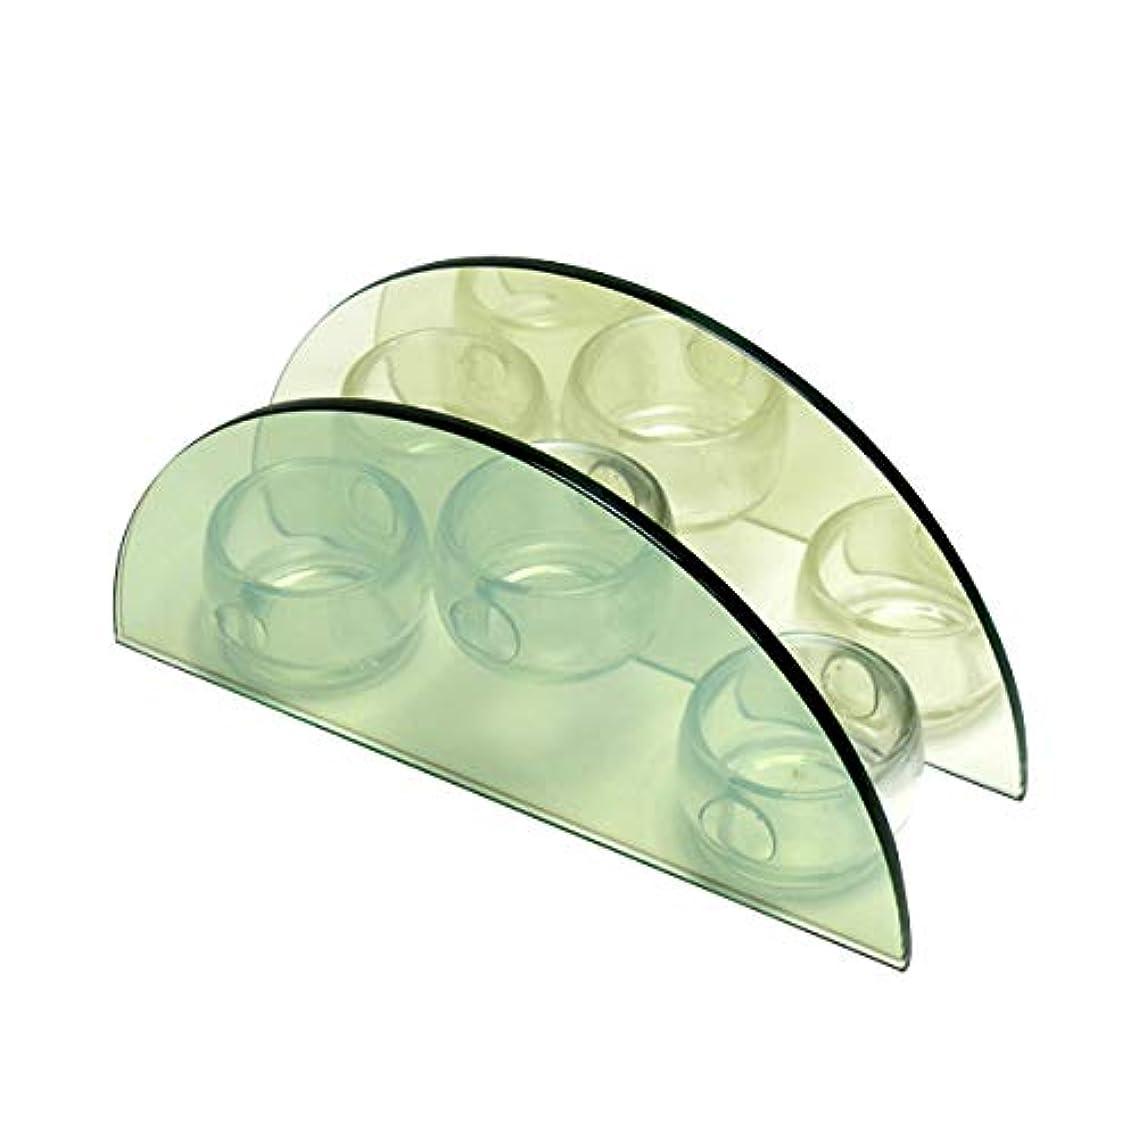 オークランド漁師白菜無限連鎖キャンドルホルダー セミサークル ガラス キャンドルスタンド ランタン 誕生日 ティーライトキャンドル